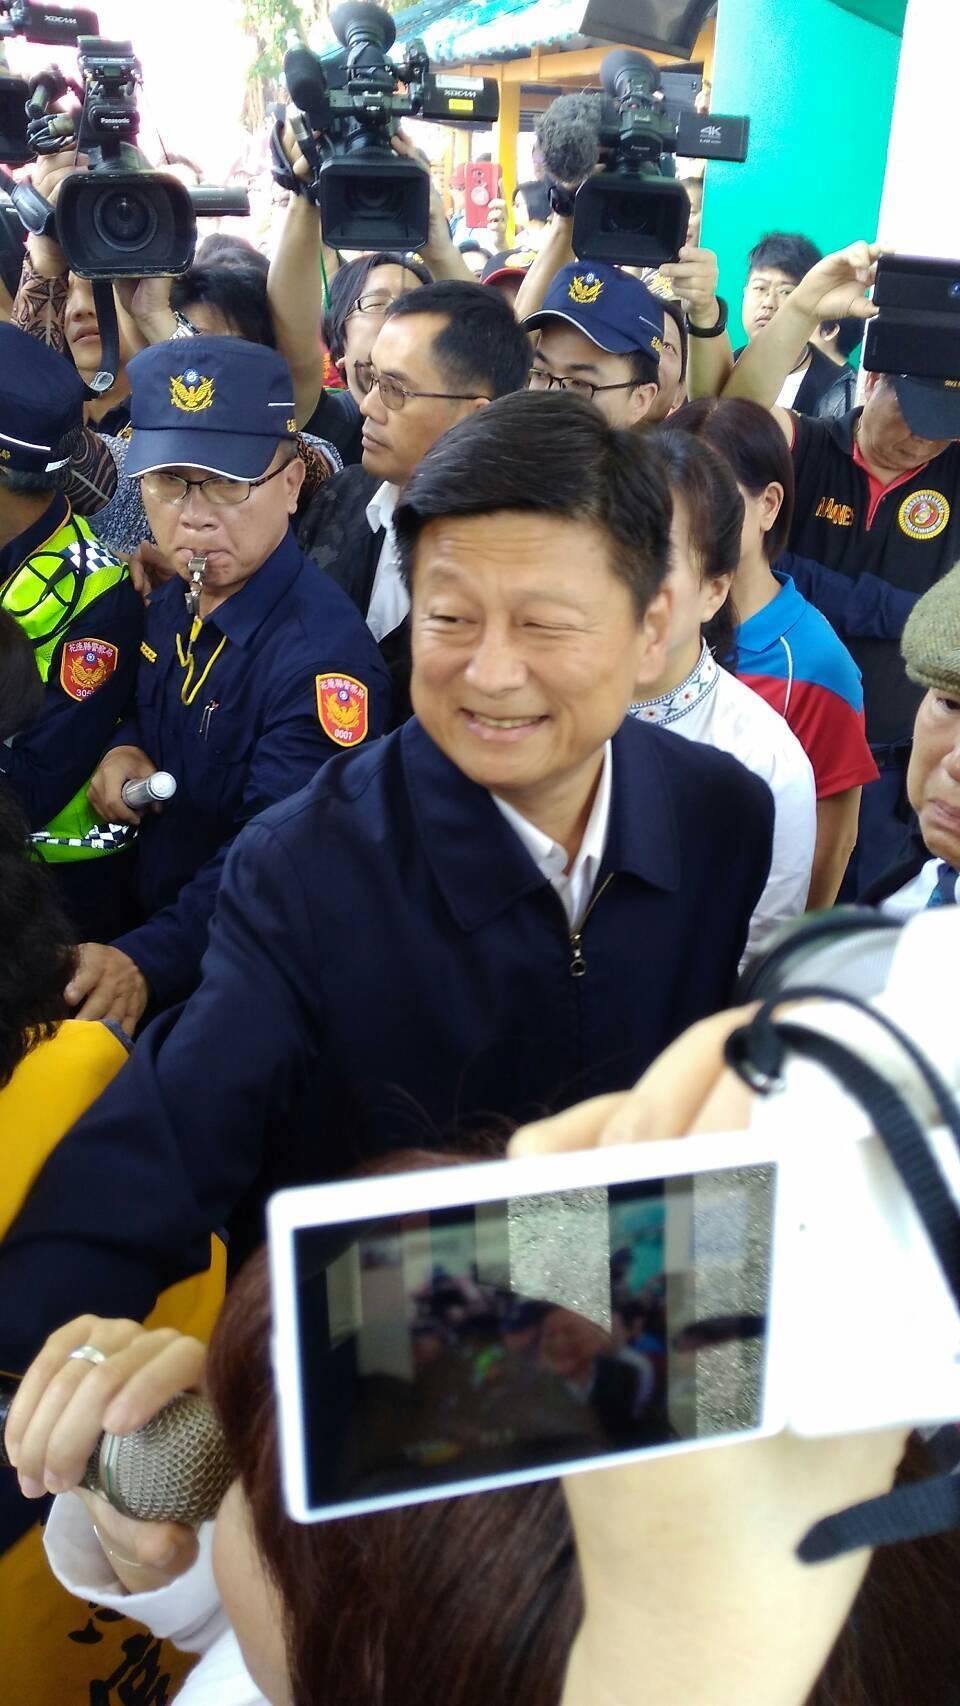 花蓮前縣長傅崐萁今天出獄,身形較以往削瘦。記者余衡/攝影